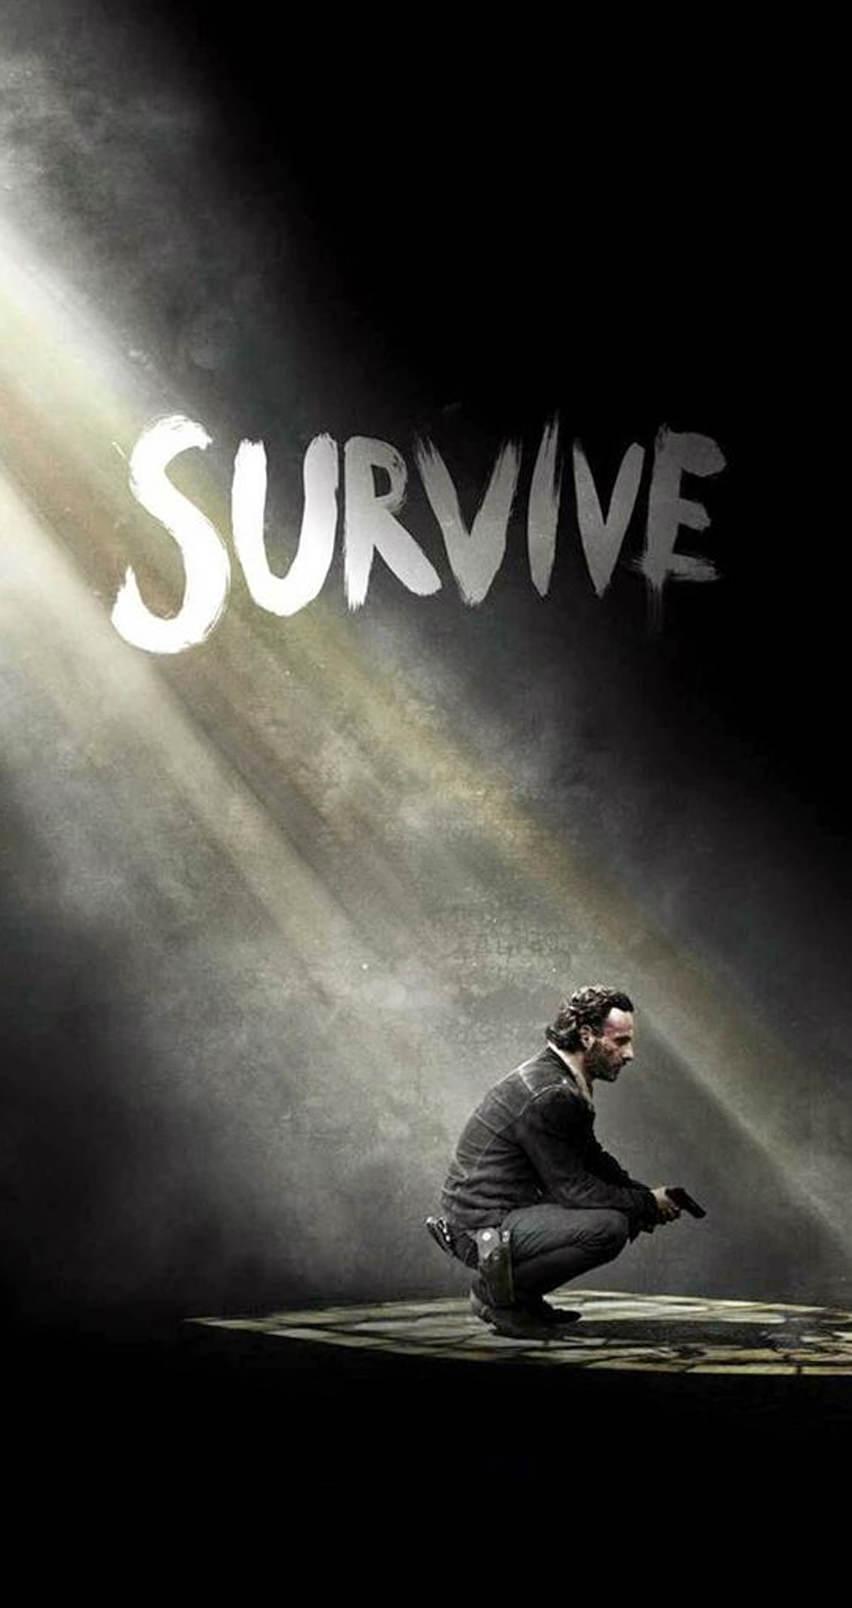 De gave serie The Walking Dead is afgelopen maandag weer begonnen 852x1608